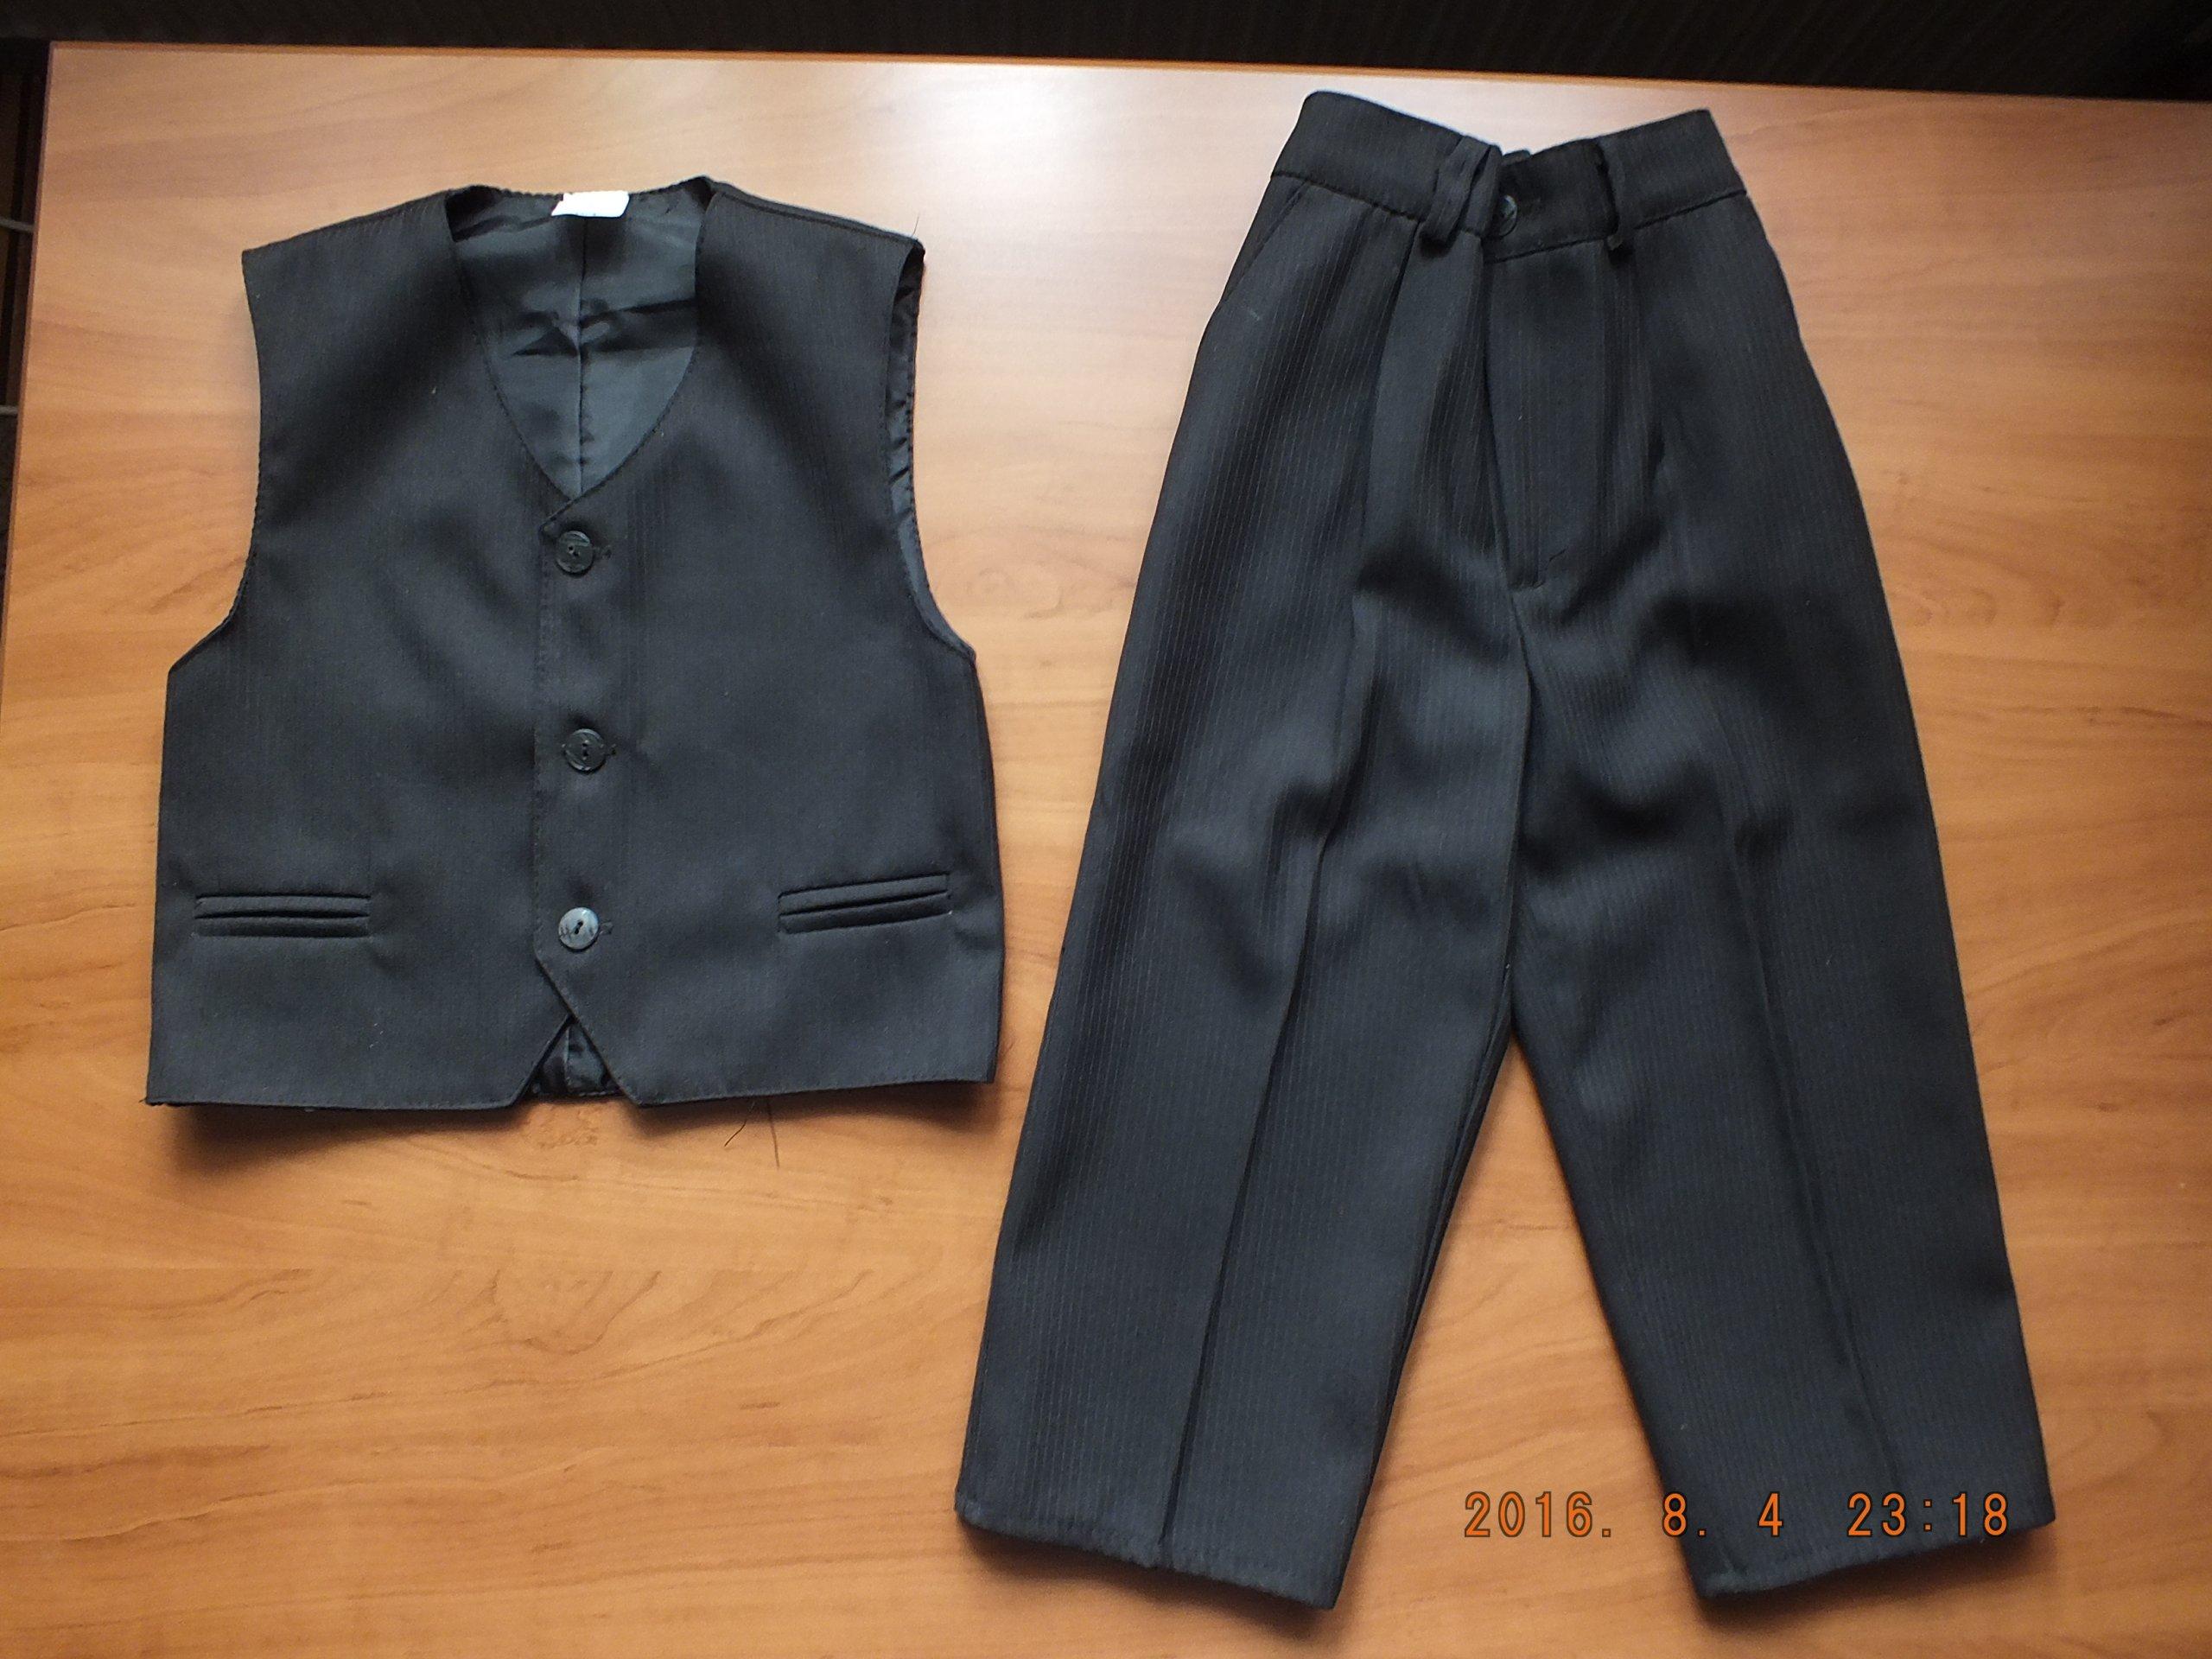 86f1a8fbabc8e Komplet wizytowy garnitur 122 spodnie + kamizelka - 7164757153 ...